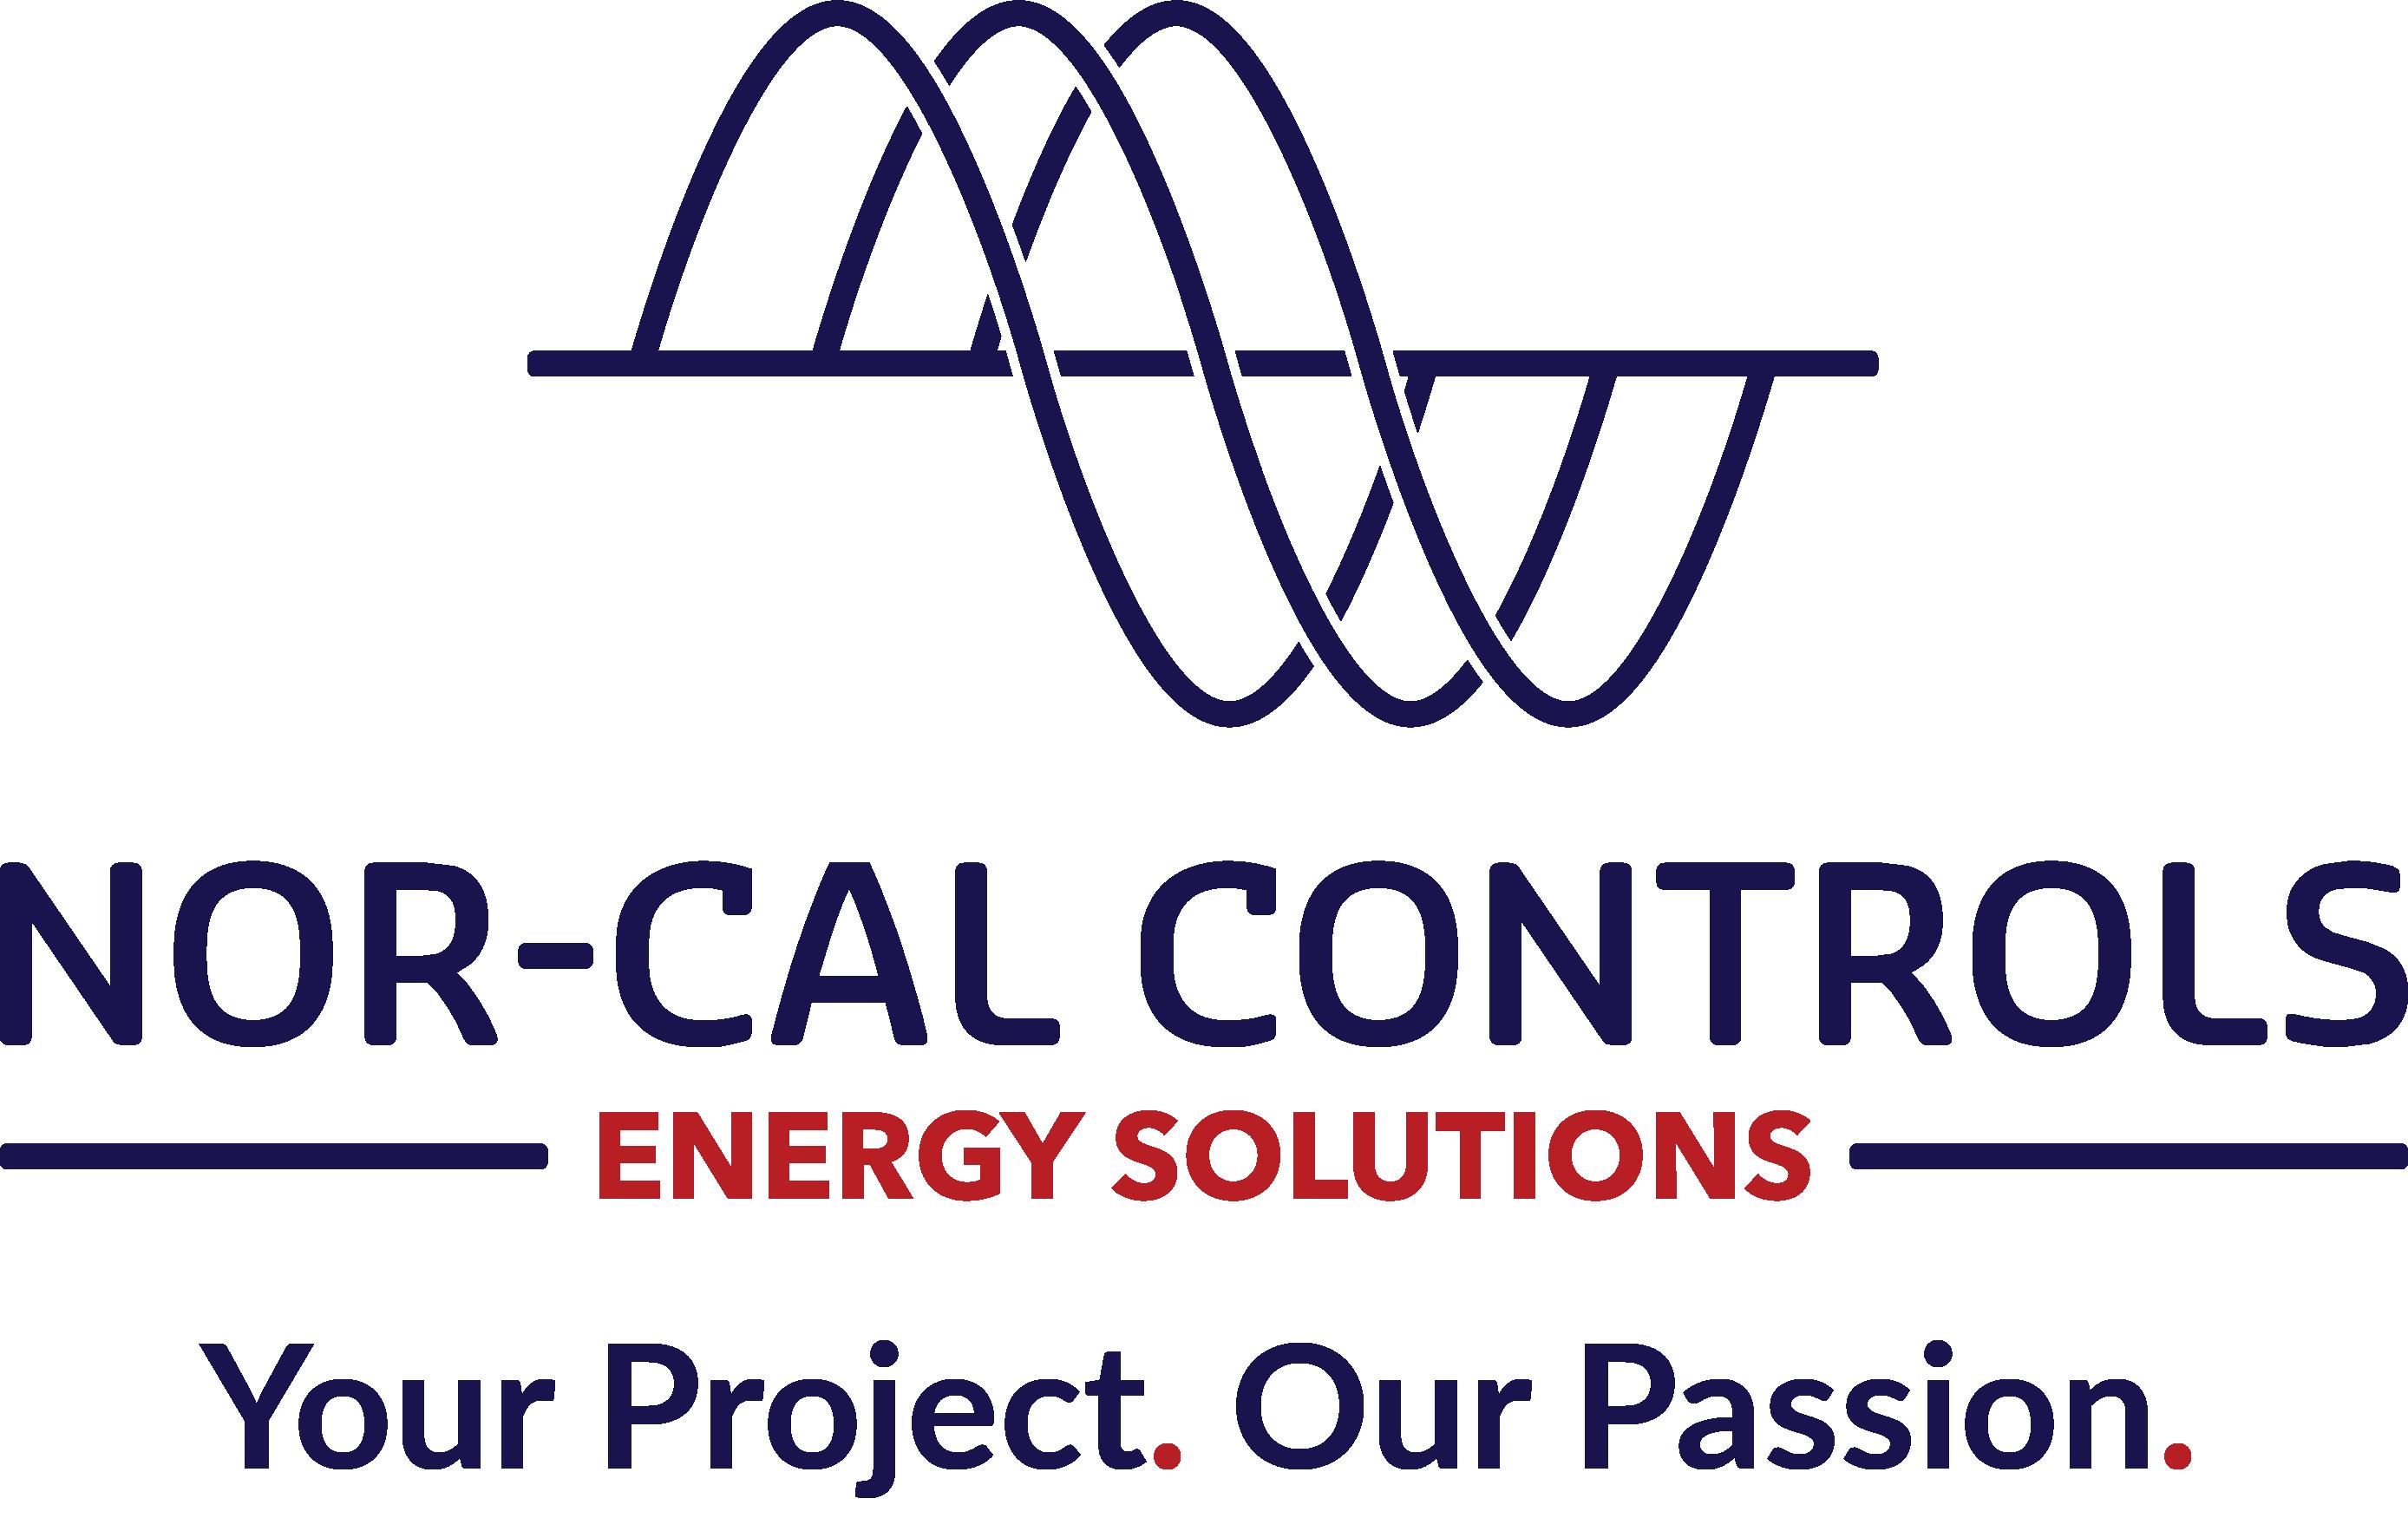 Nor-Cal_Controls-logo-tagline